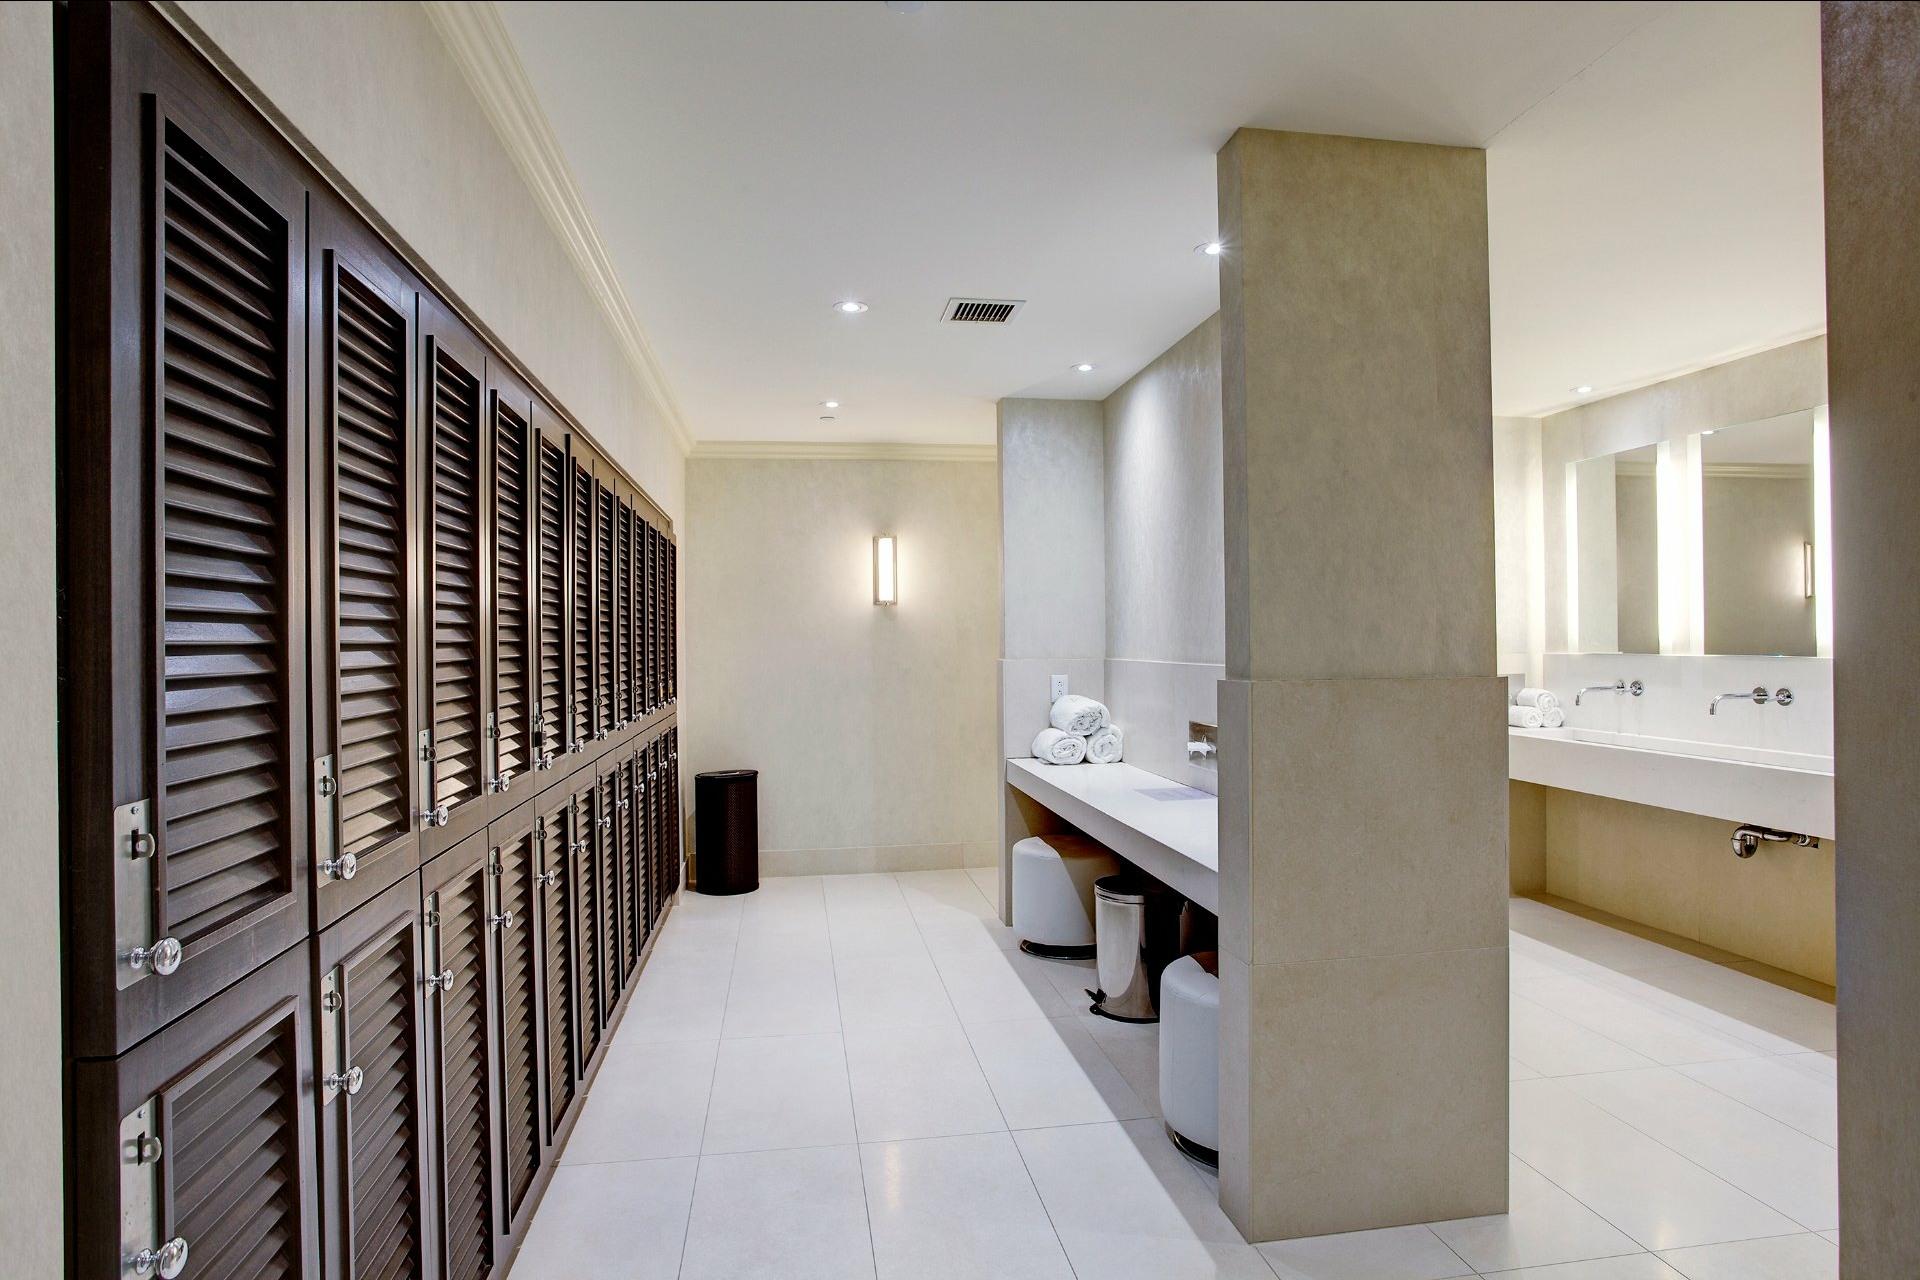 image 24 - Apartment For sale Montréal Ville-Marie  - 4 rooms